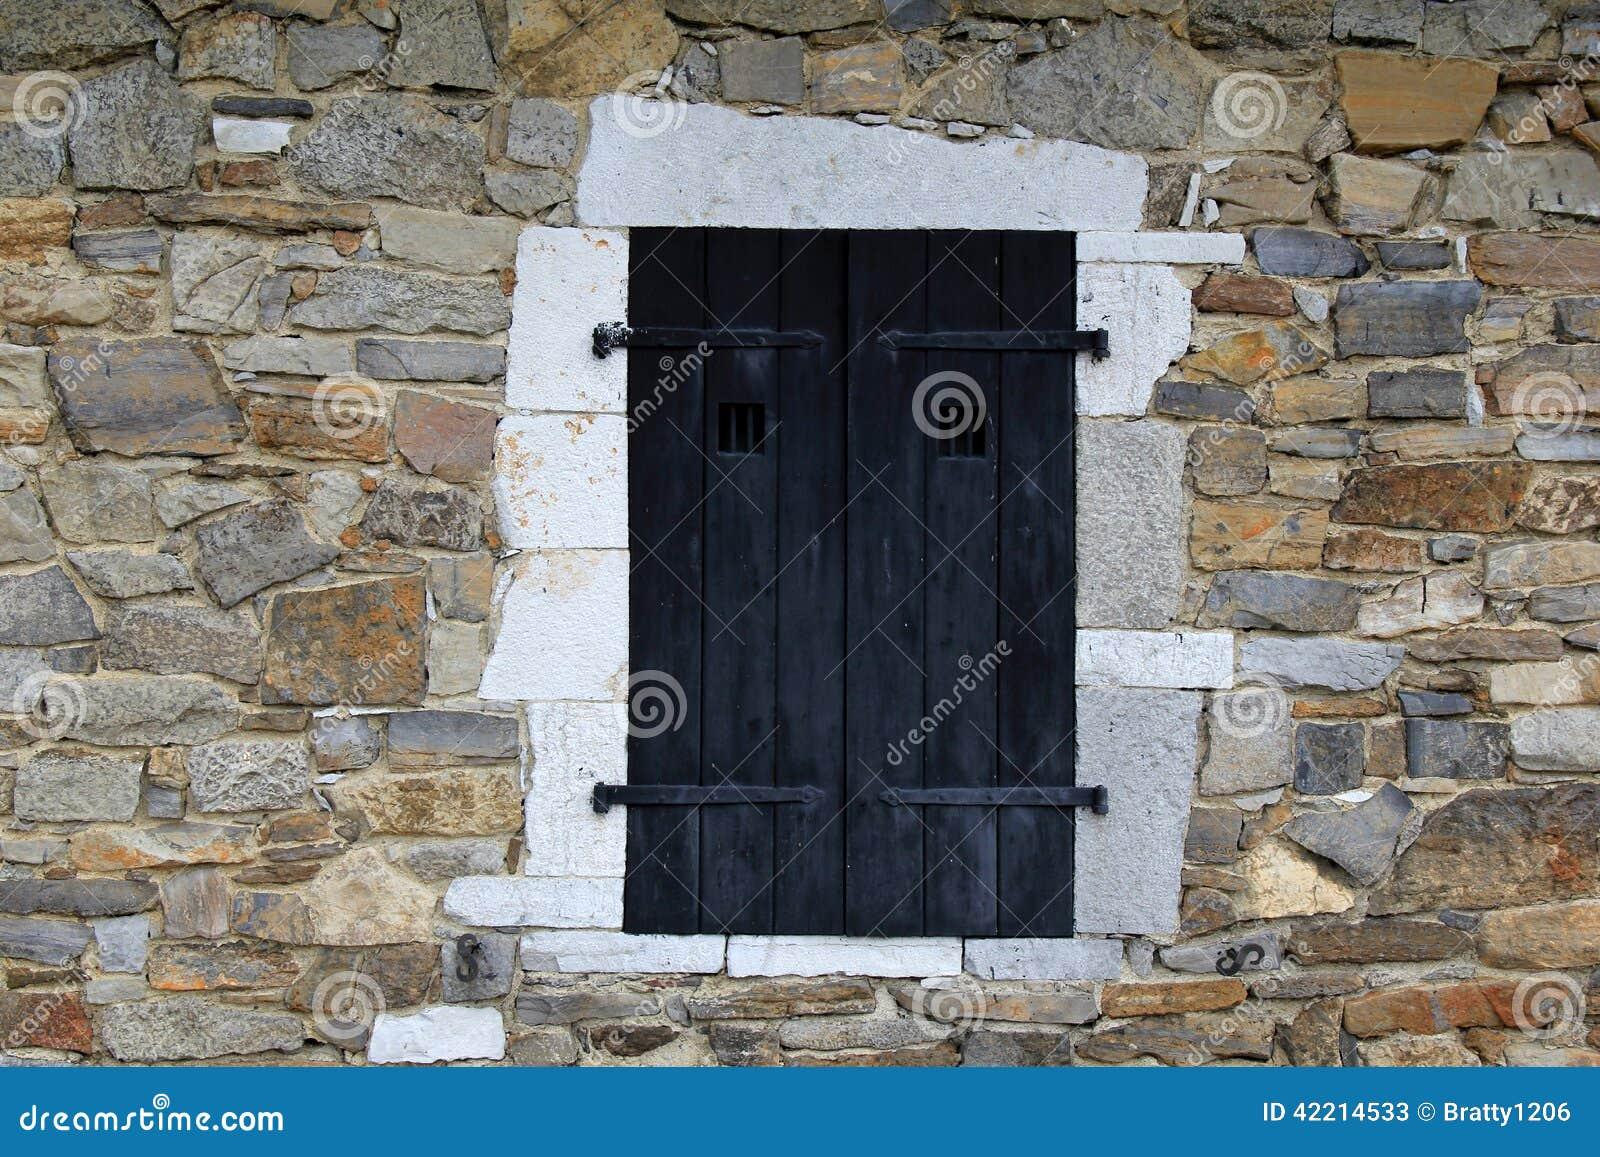 Fen tre volets noire dans le mur en pierre du b timent for Fenetre qui rentre dans le mur